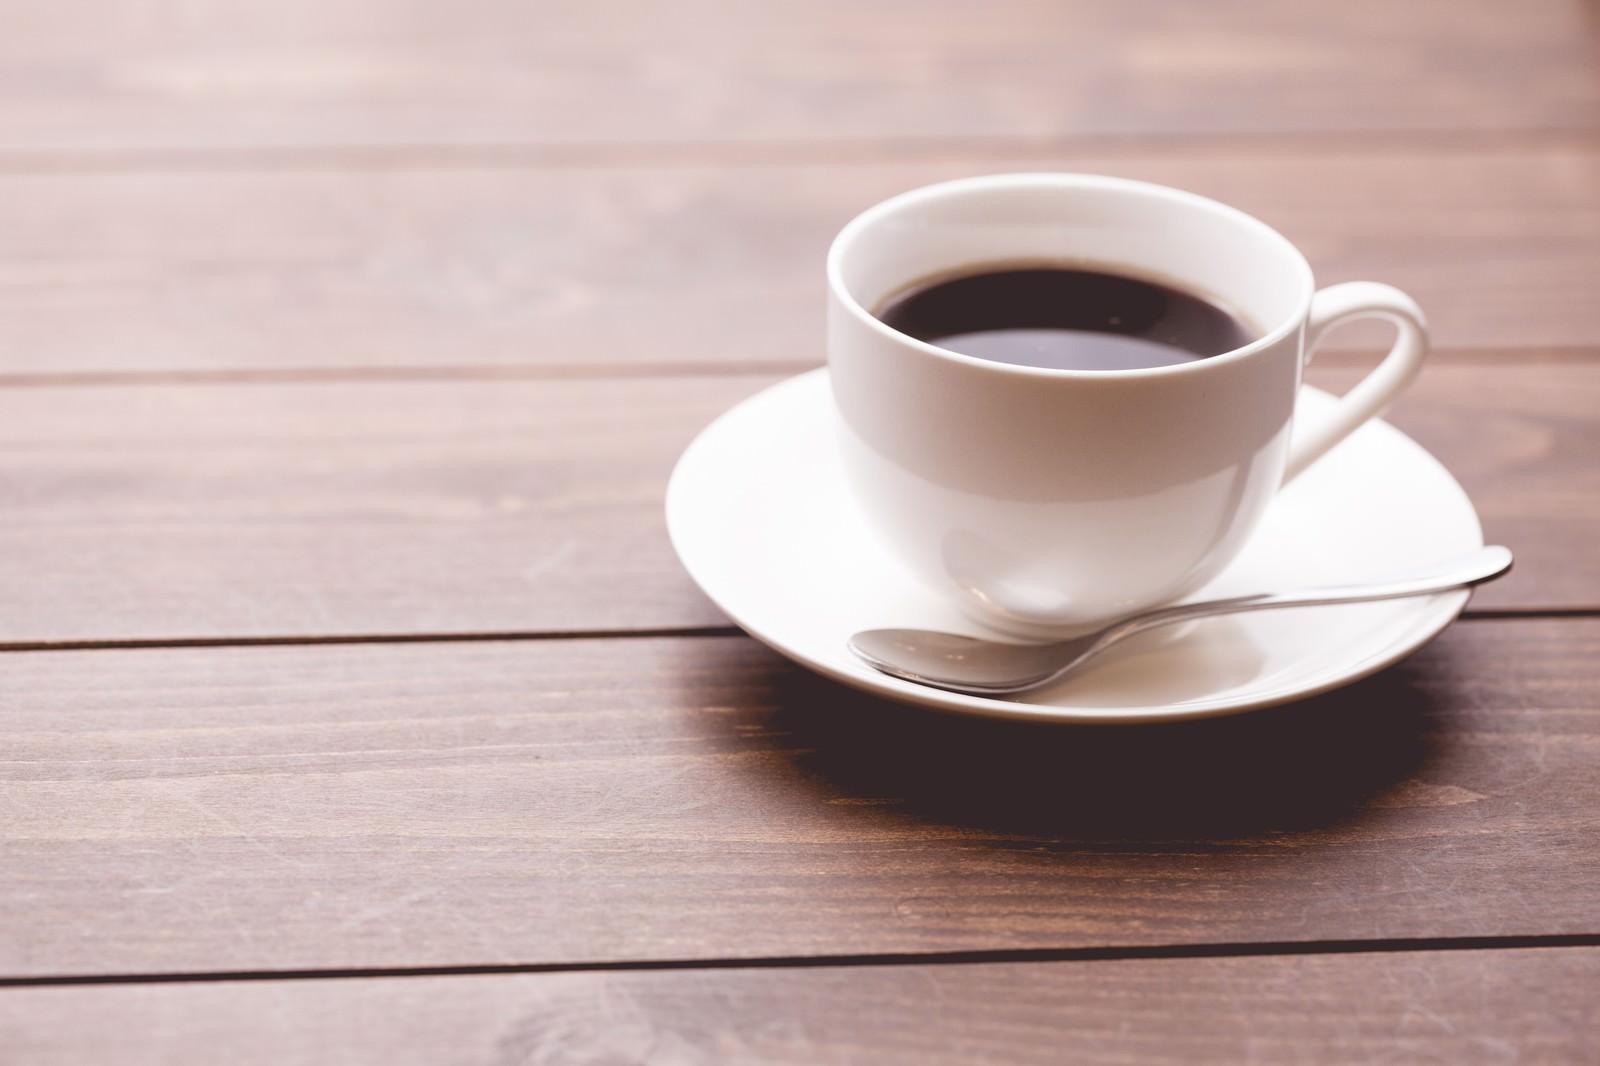 「画像 おしゃれ コーヒー 無料」の画像検索結果